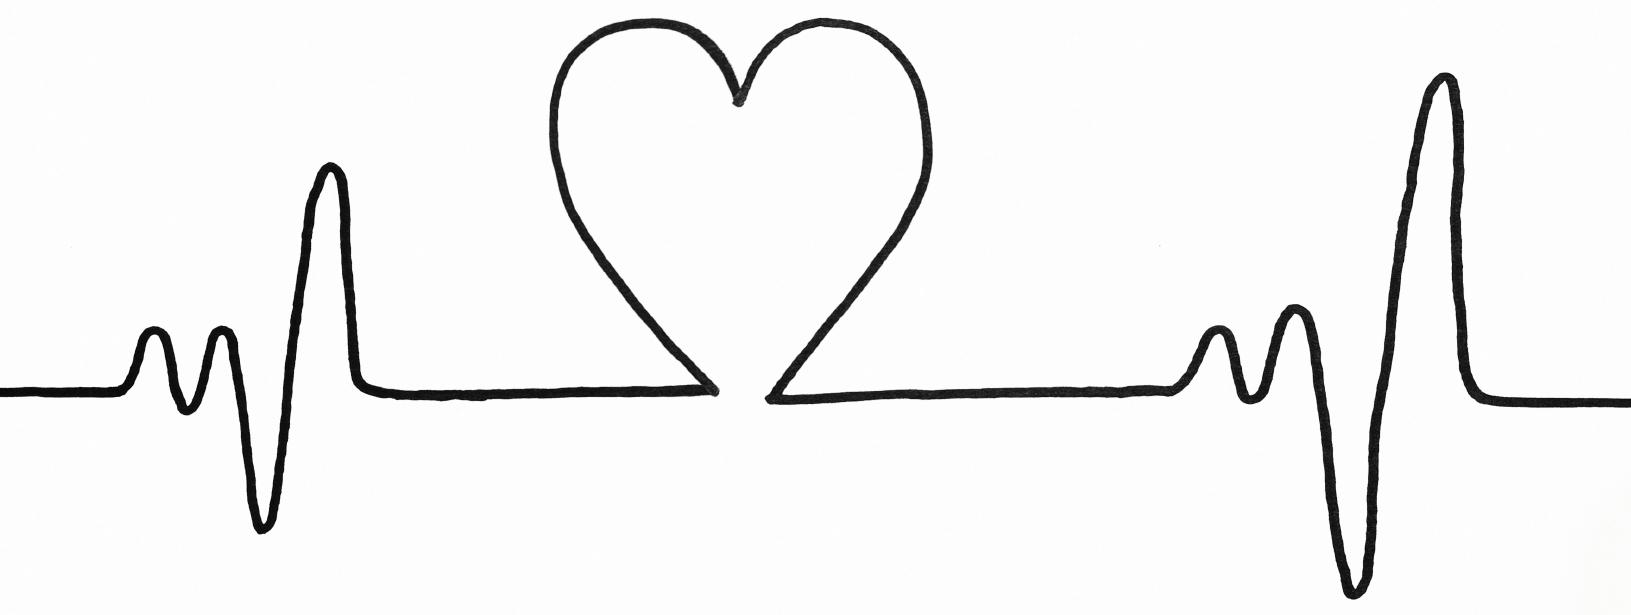 Rate clipart heart rhythm #6